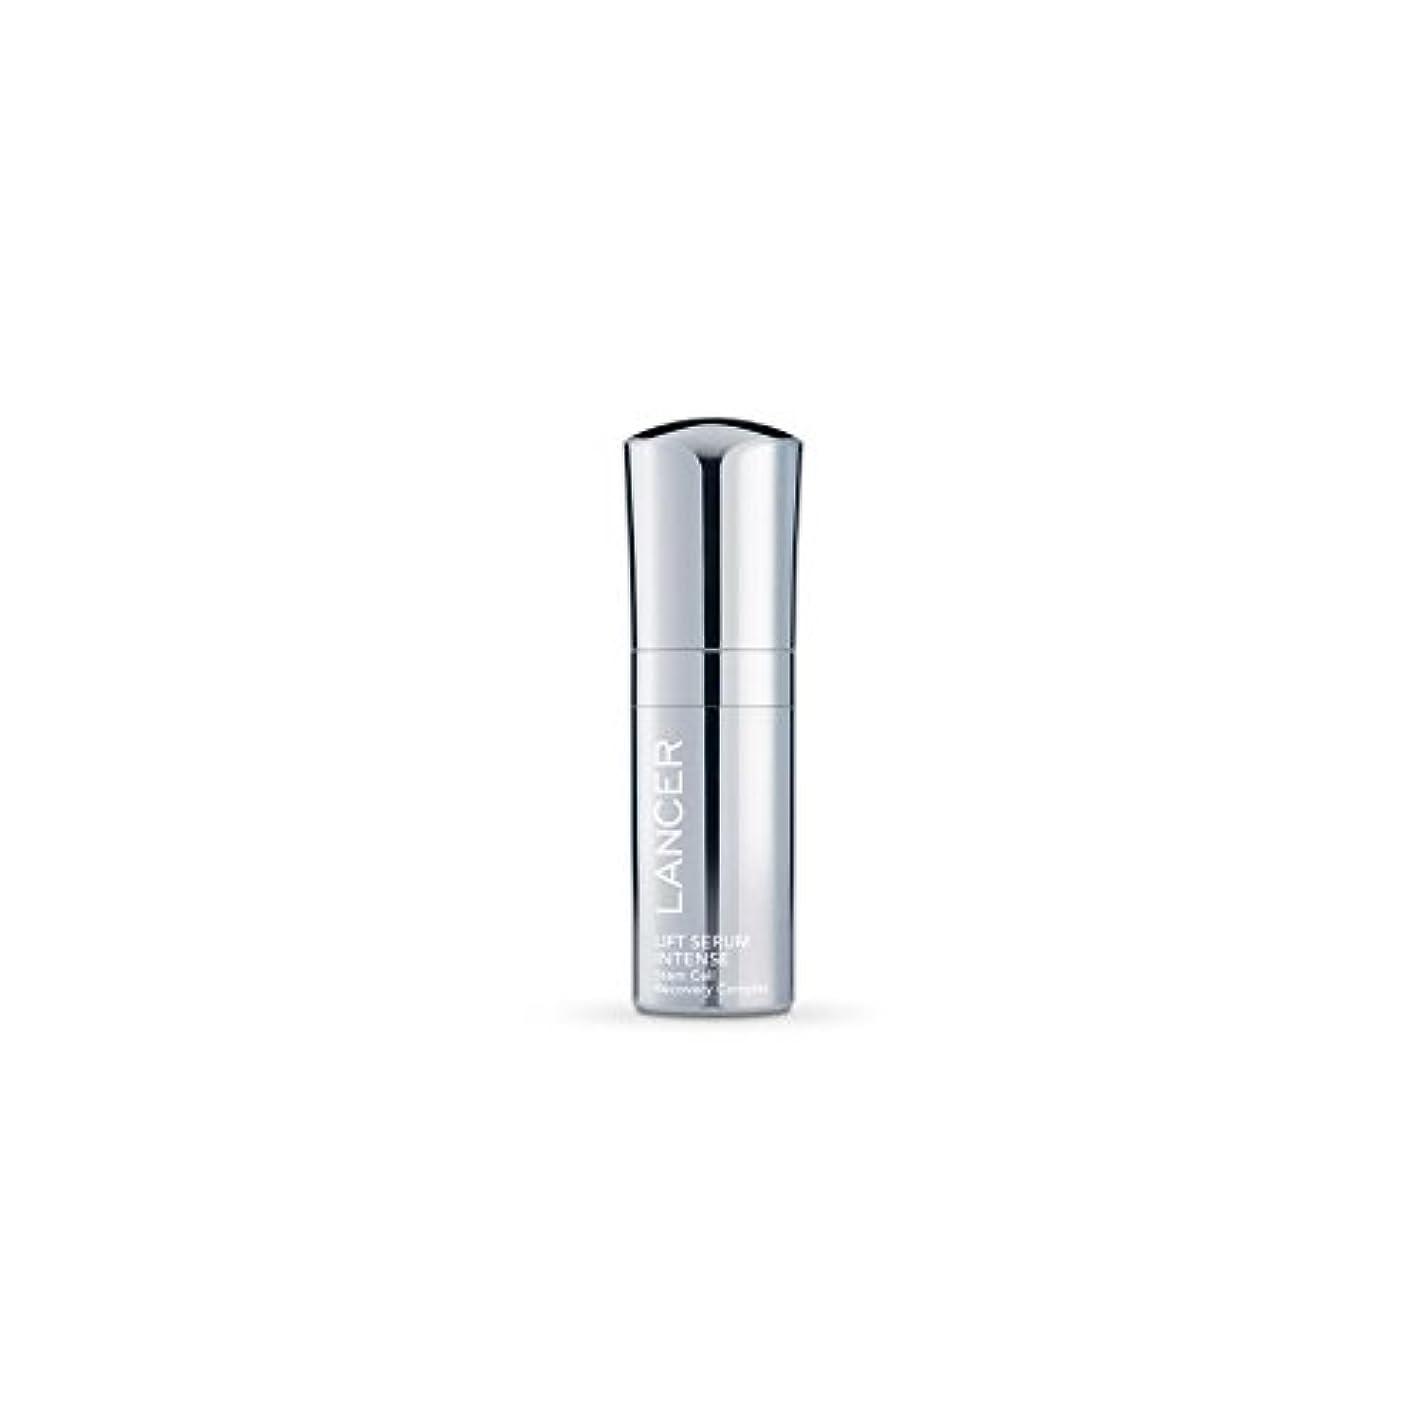 南方の手綱興奮強烈ランサースキンケアリフト血清(30ミリリットル) x2 - Lancer Skincare Lift Serum Intense (30ml) (Pack of 2) [並行輸入品]